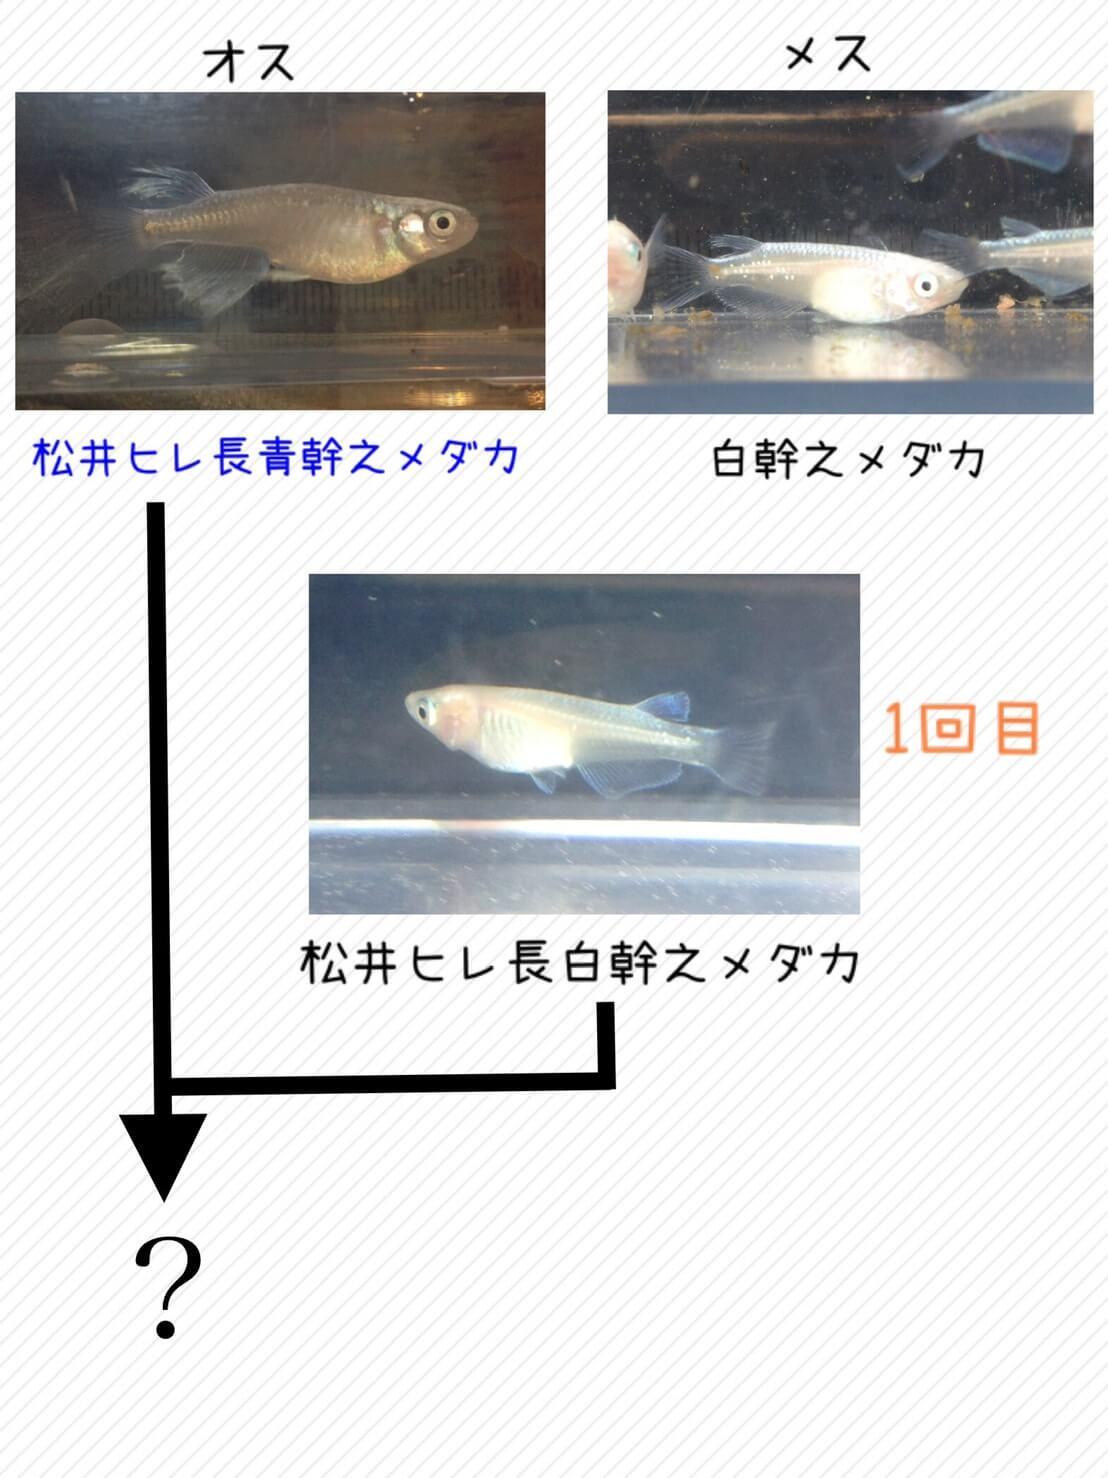 松井ヒレ長白幹之メダカ